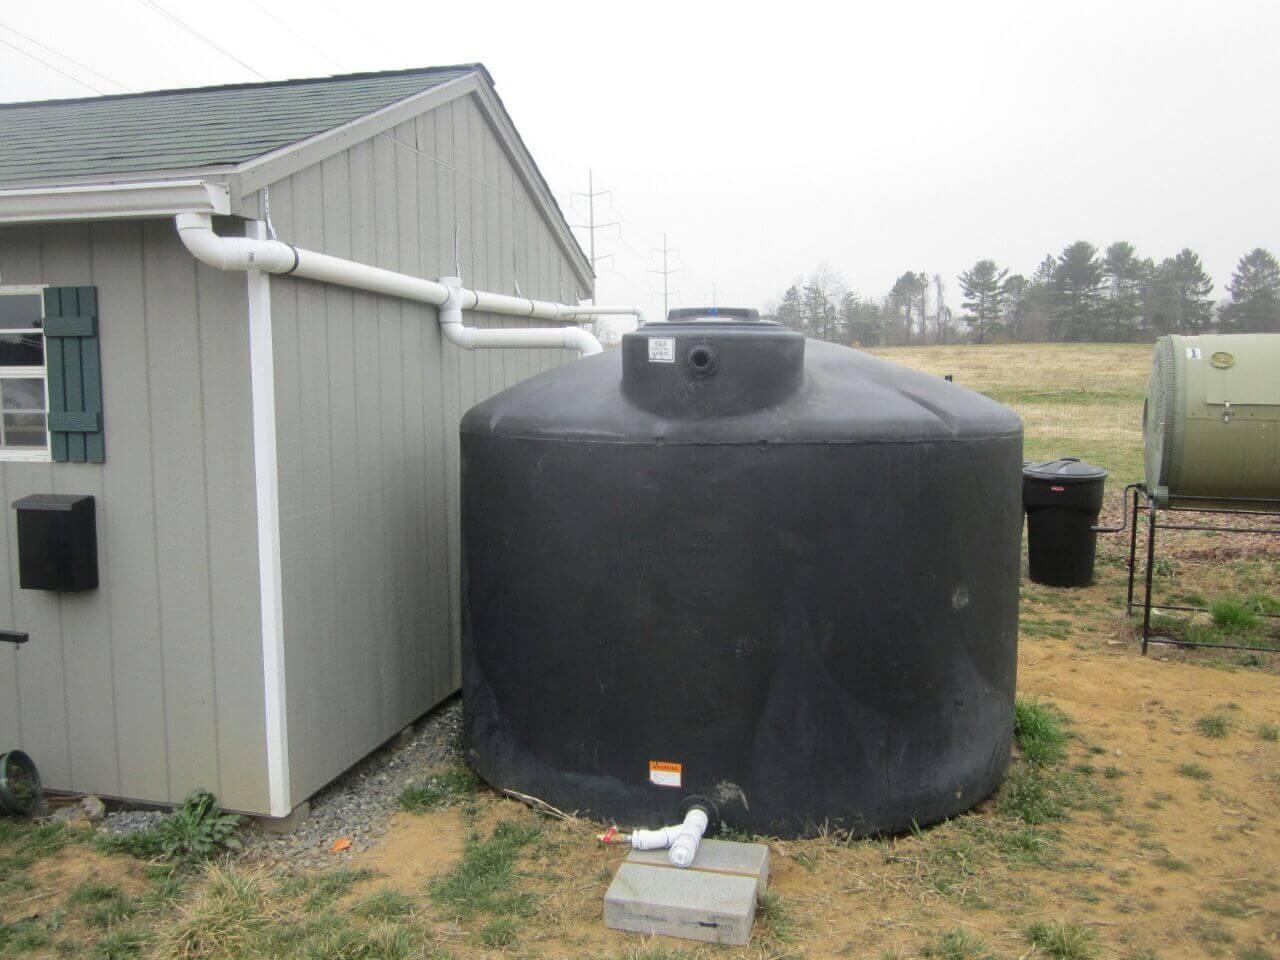 هل عزل الخزان ضروري